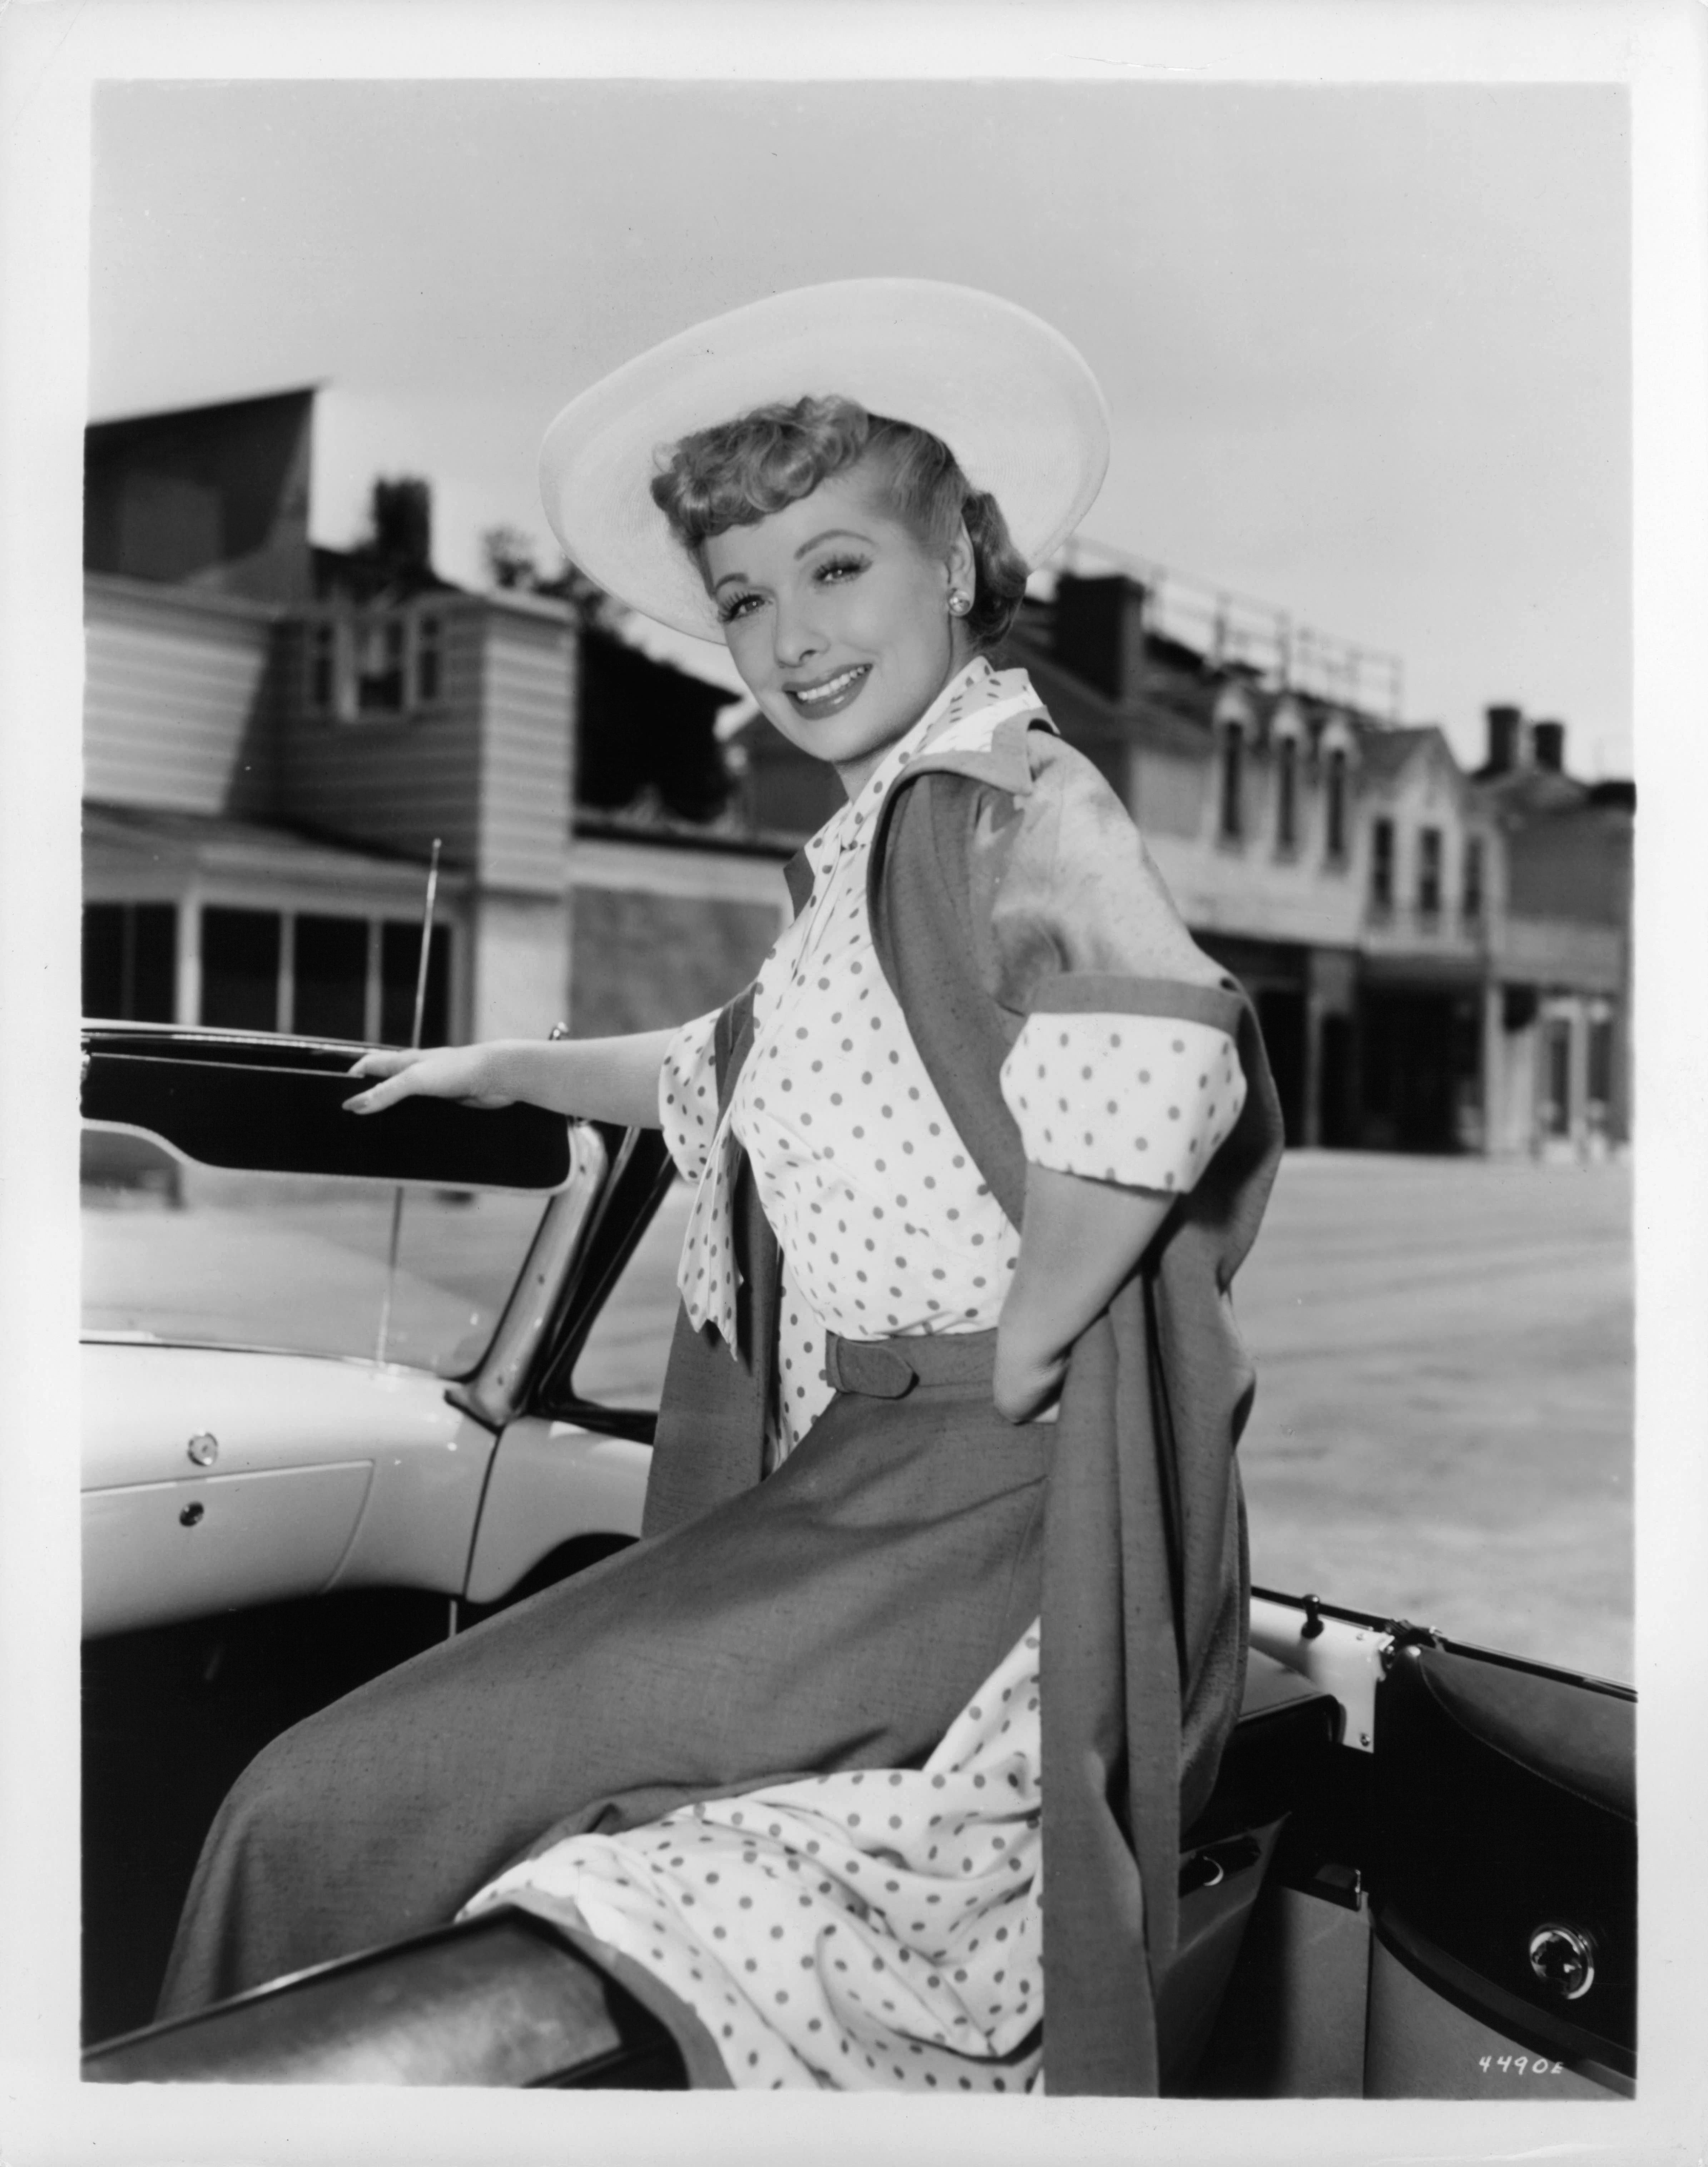 A publicity portrait of the actress.